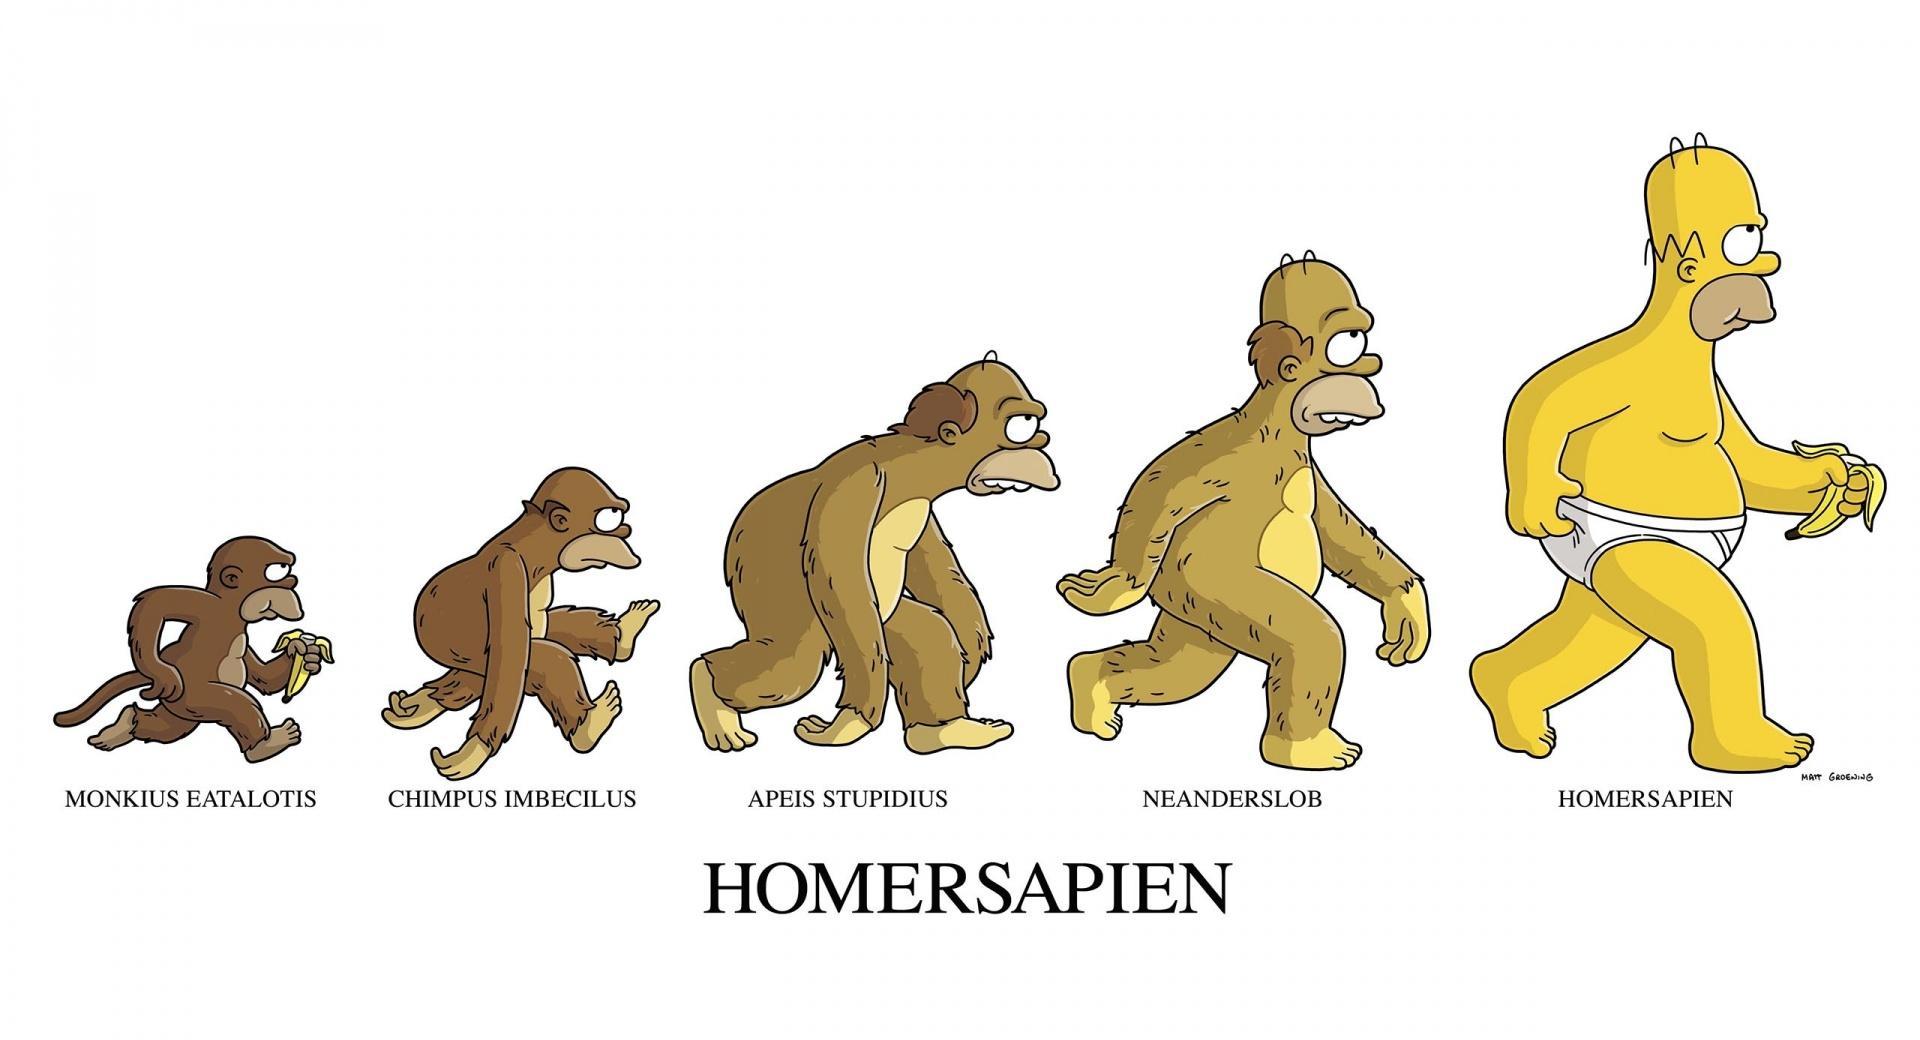 Homersapien wallpapers HD quality